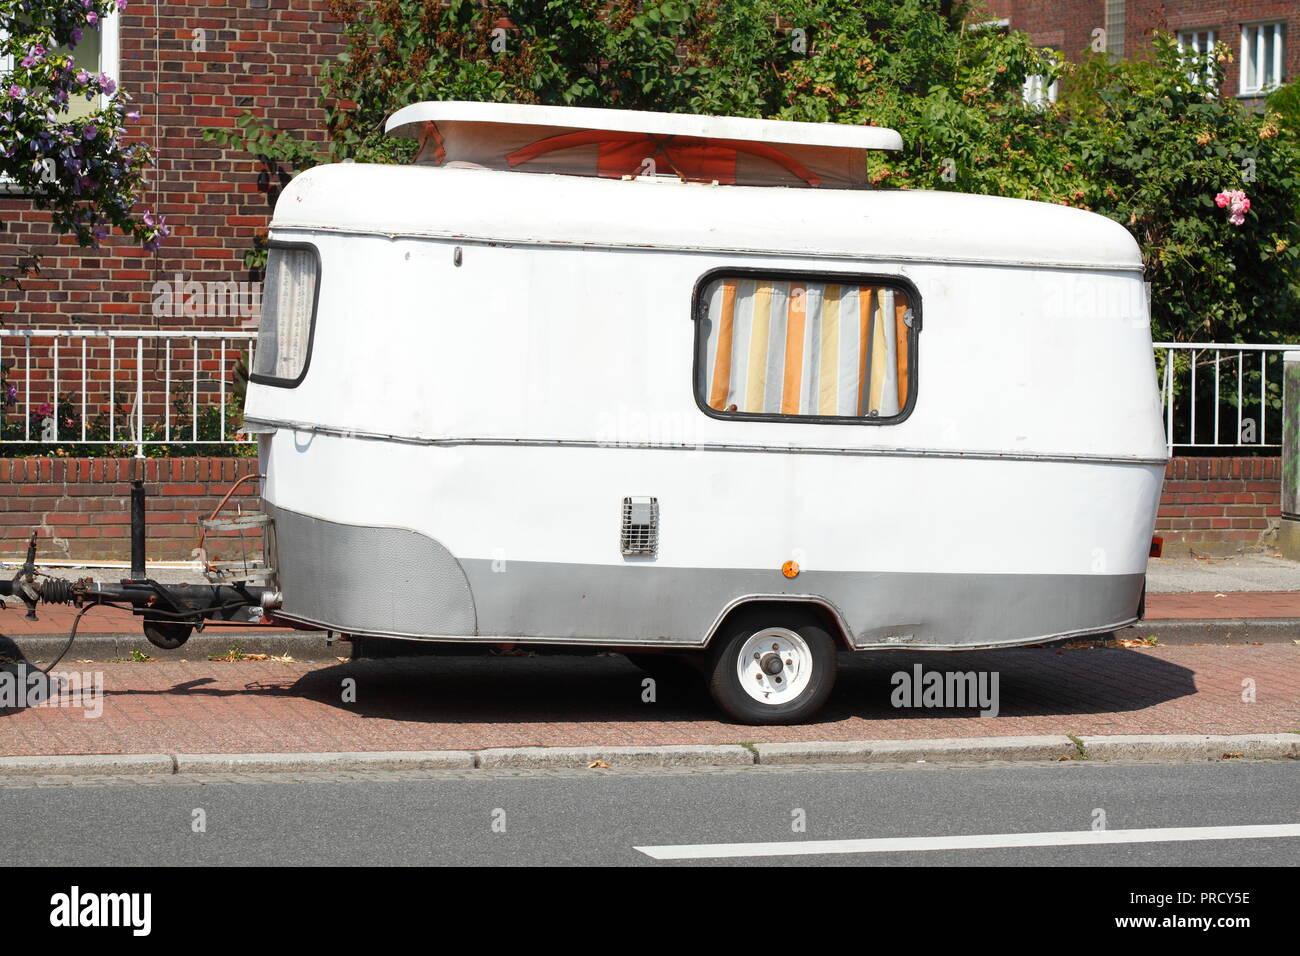 Alte Parken Camping und Caravan Anhänger, Deutschland, Europa ich Ändern parkender Wohnwagen-Anhänger, Deutschland, Europa I Stockfoto